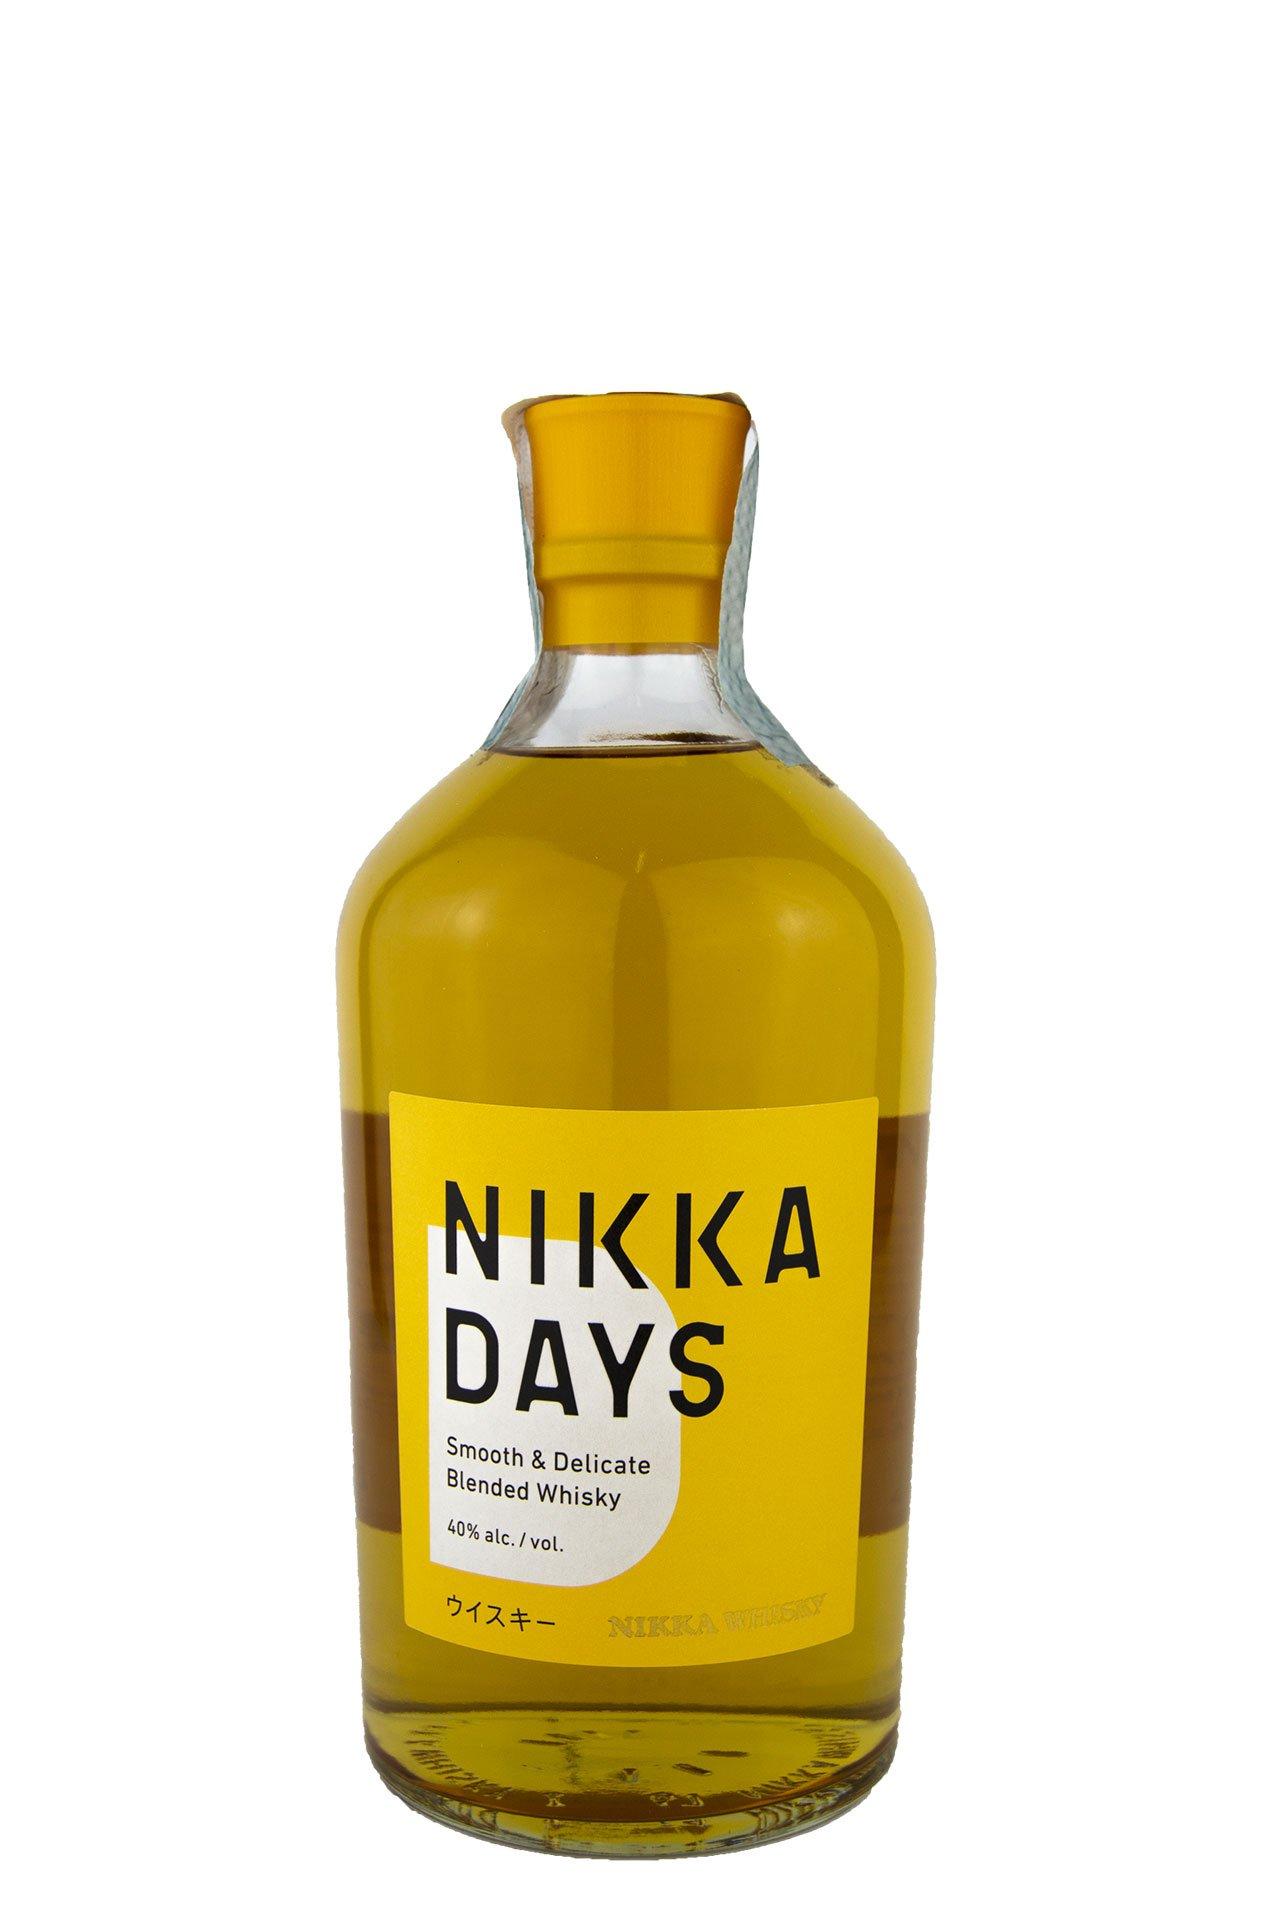 Nikka – Nikka Days